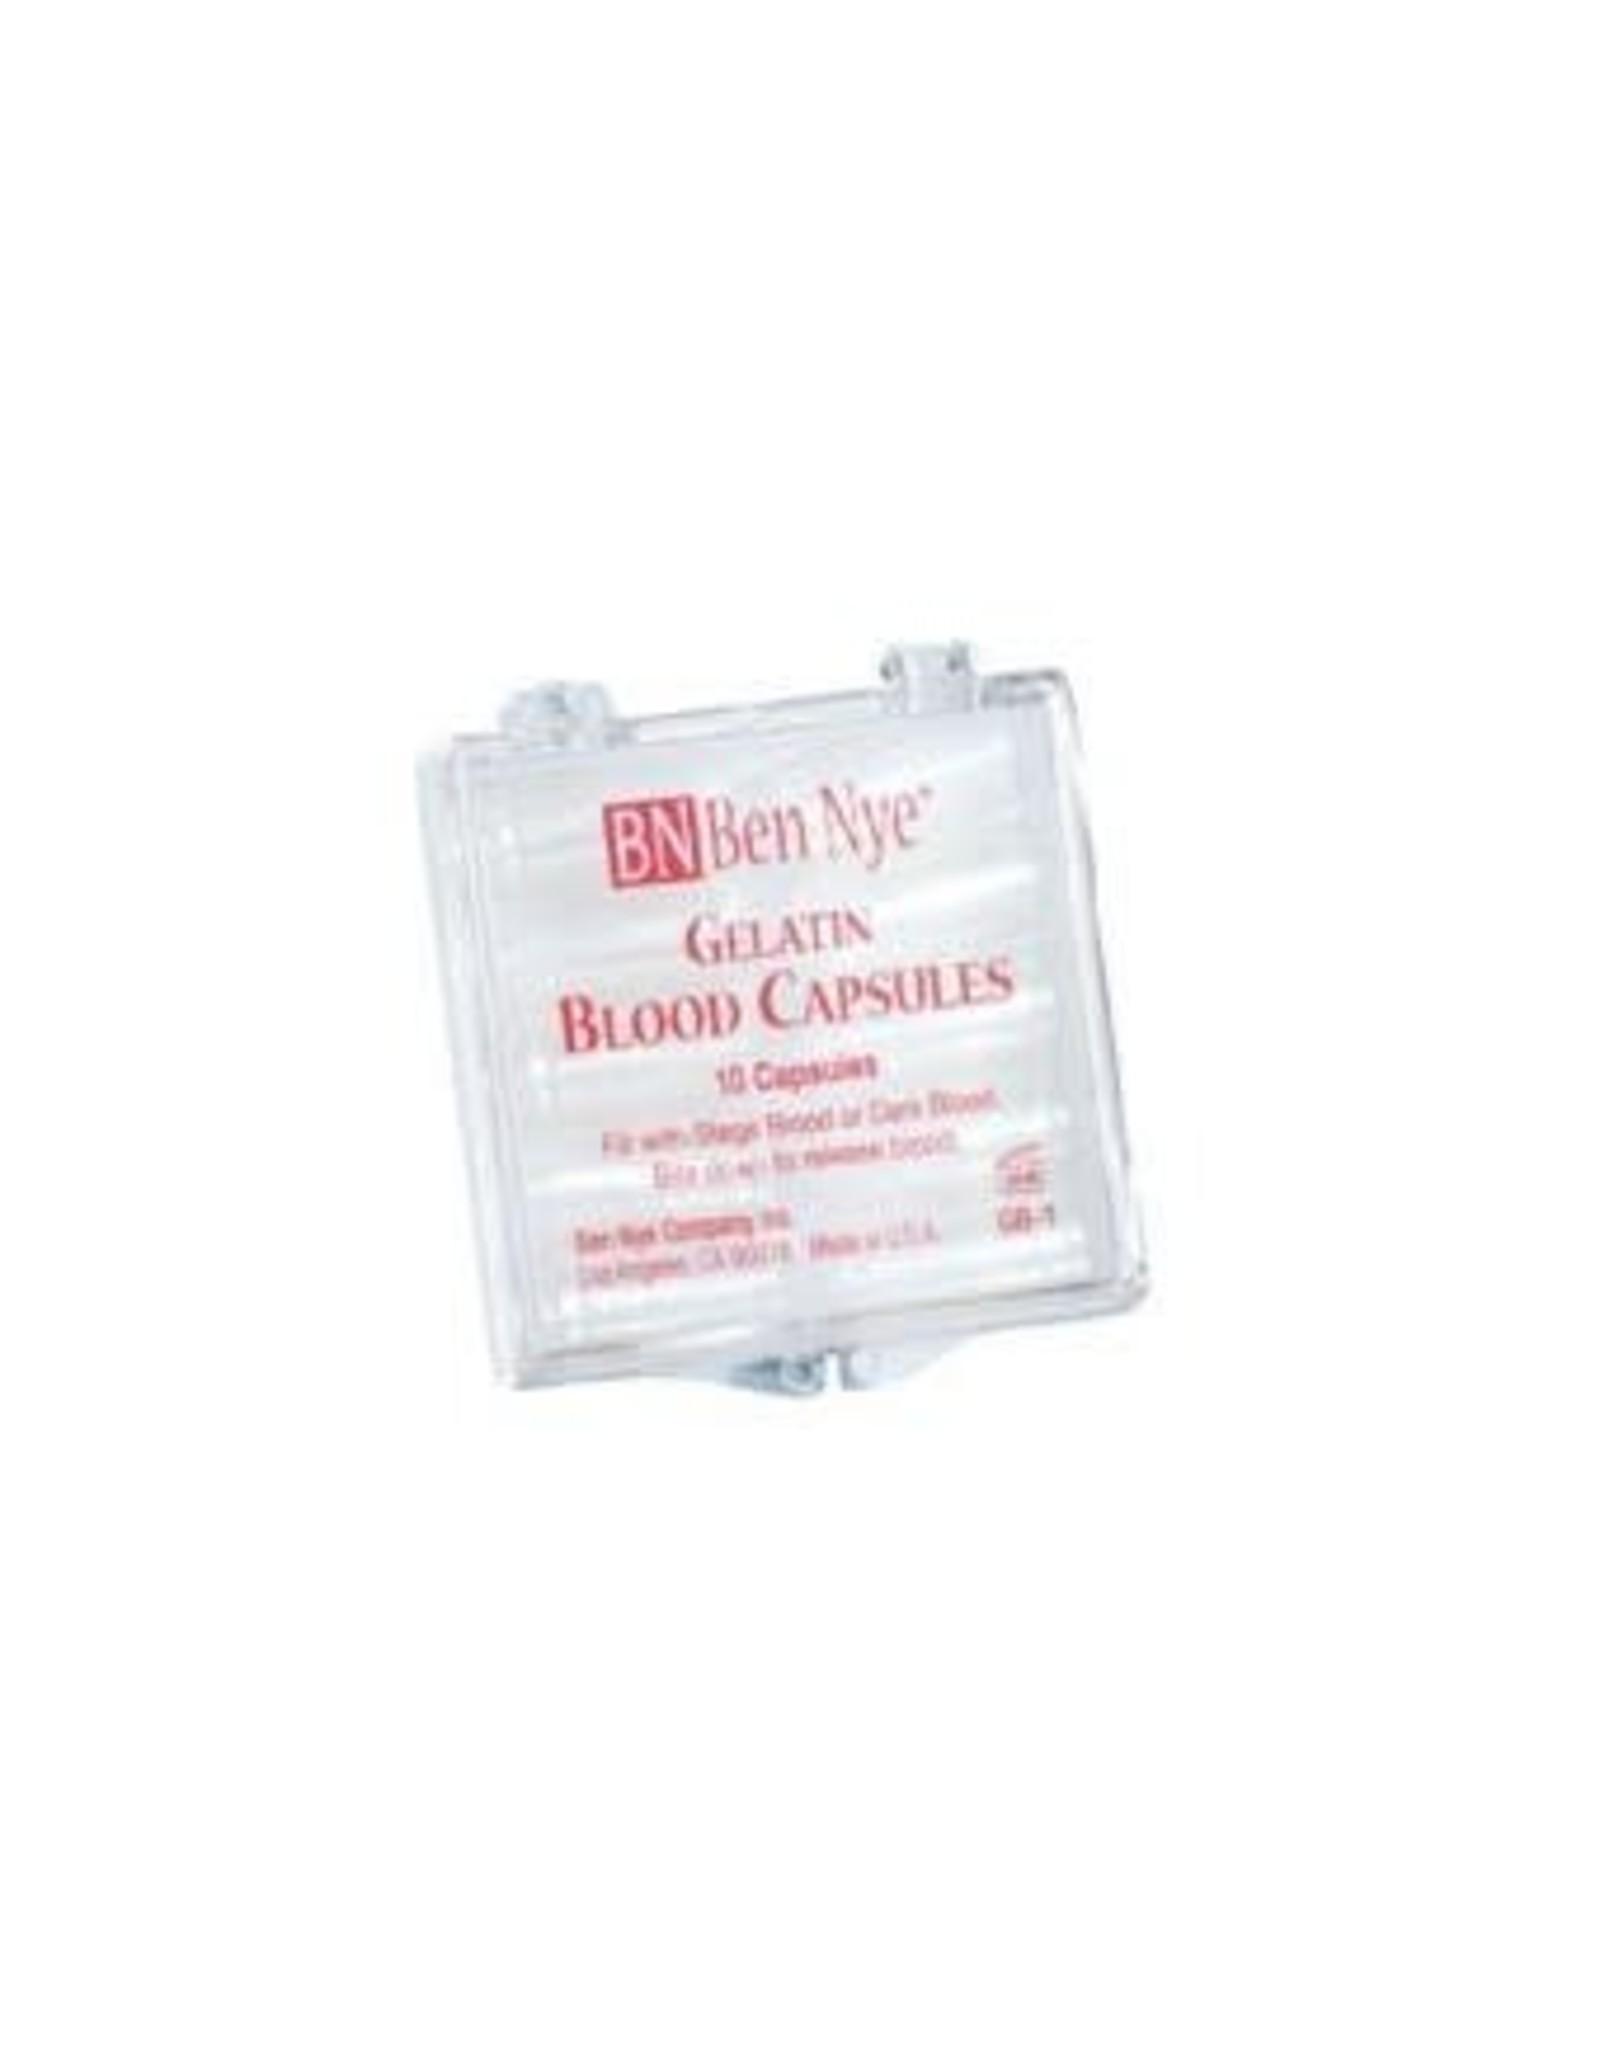 Ben Nye Gelatin Blood Capsules